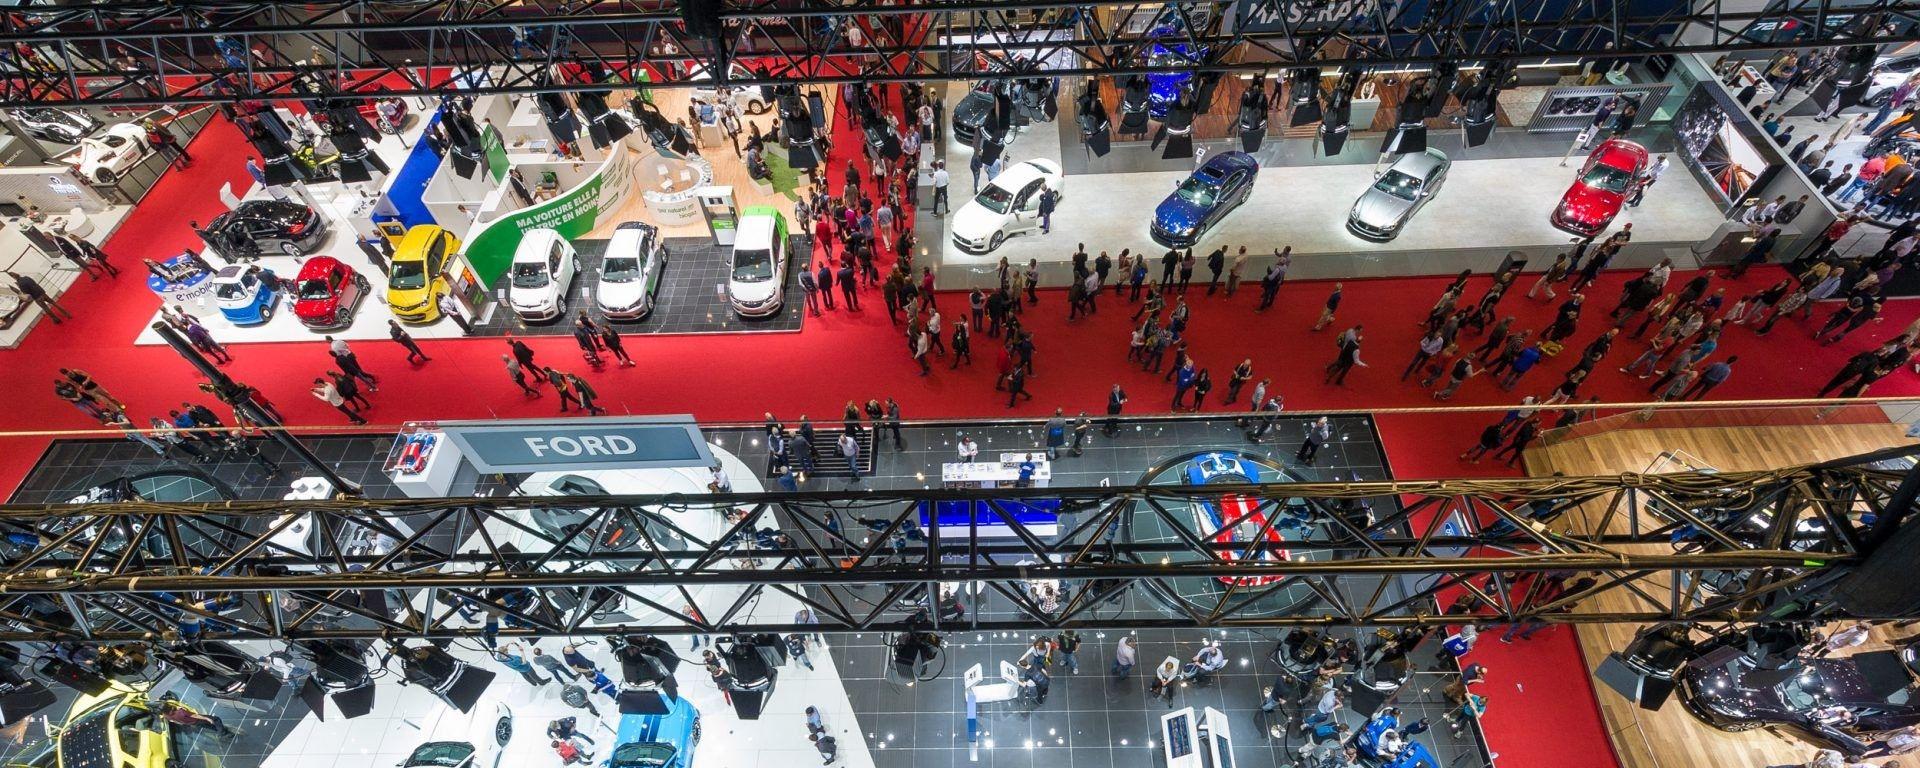 Salone di Ginevra: le presentazioni delle case in diretta (Photo credit: © gims.swiss)